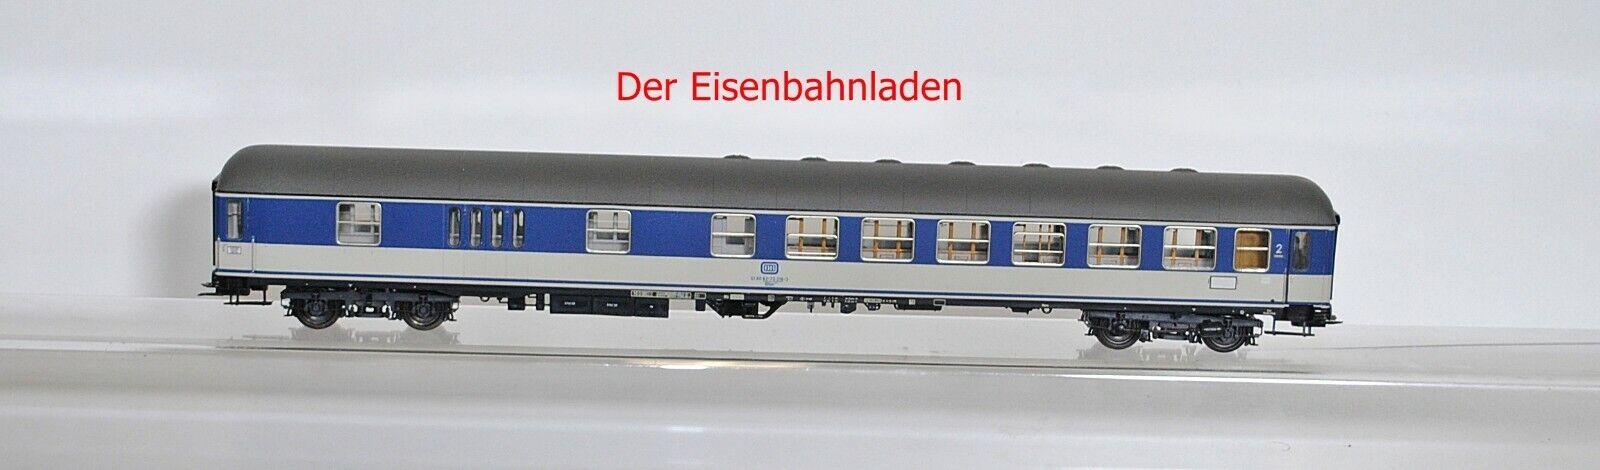 ADE Schnellzug Wagen DB mit Gepäckabteil, Popwagen siehe Foto --Kl27.11.